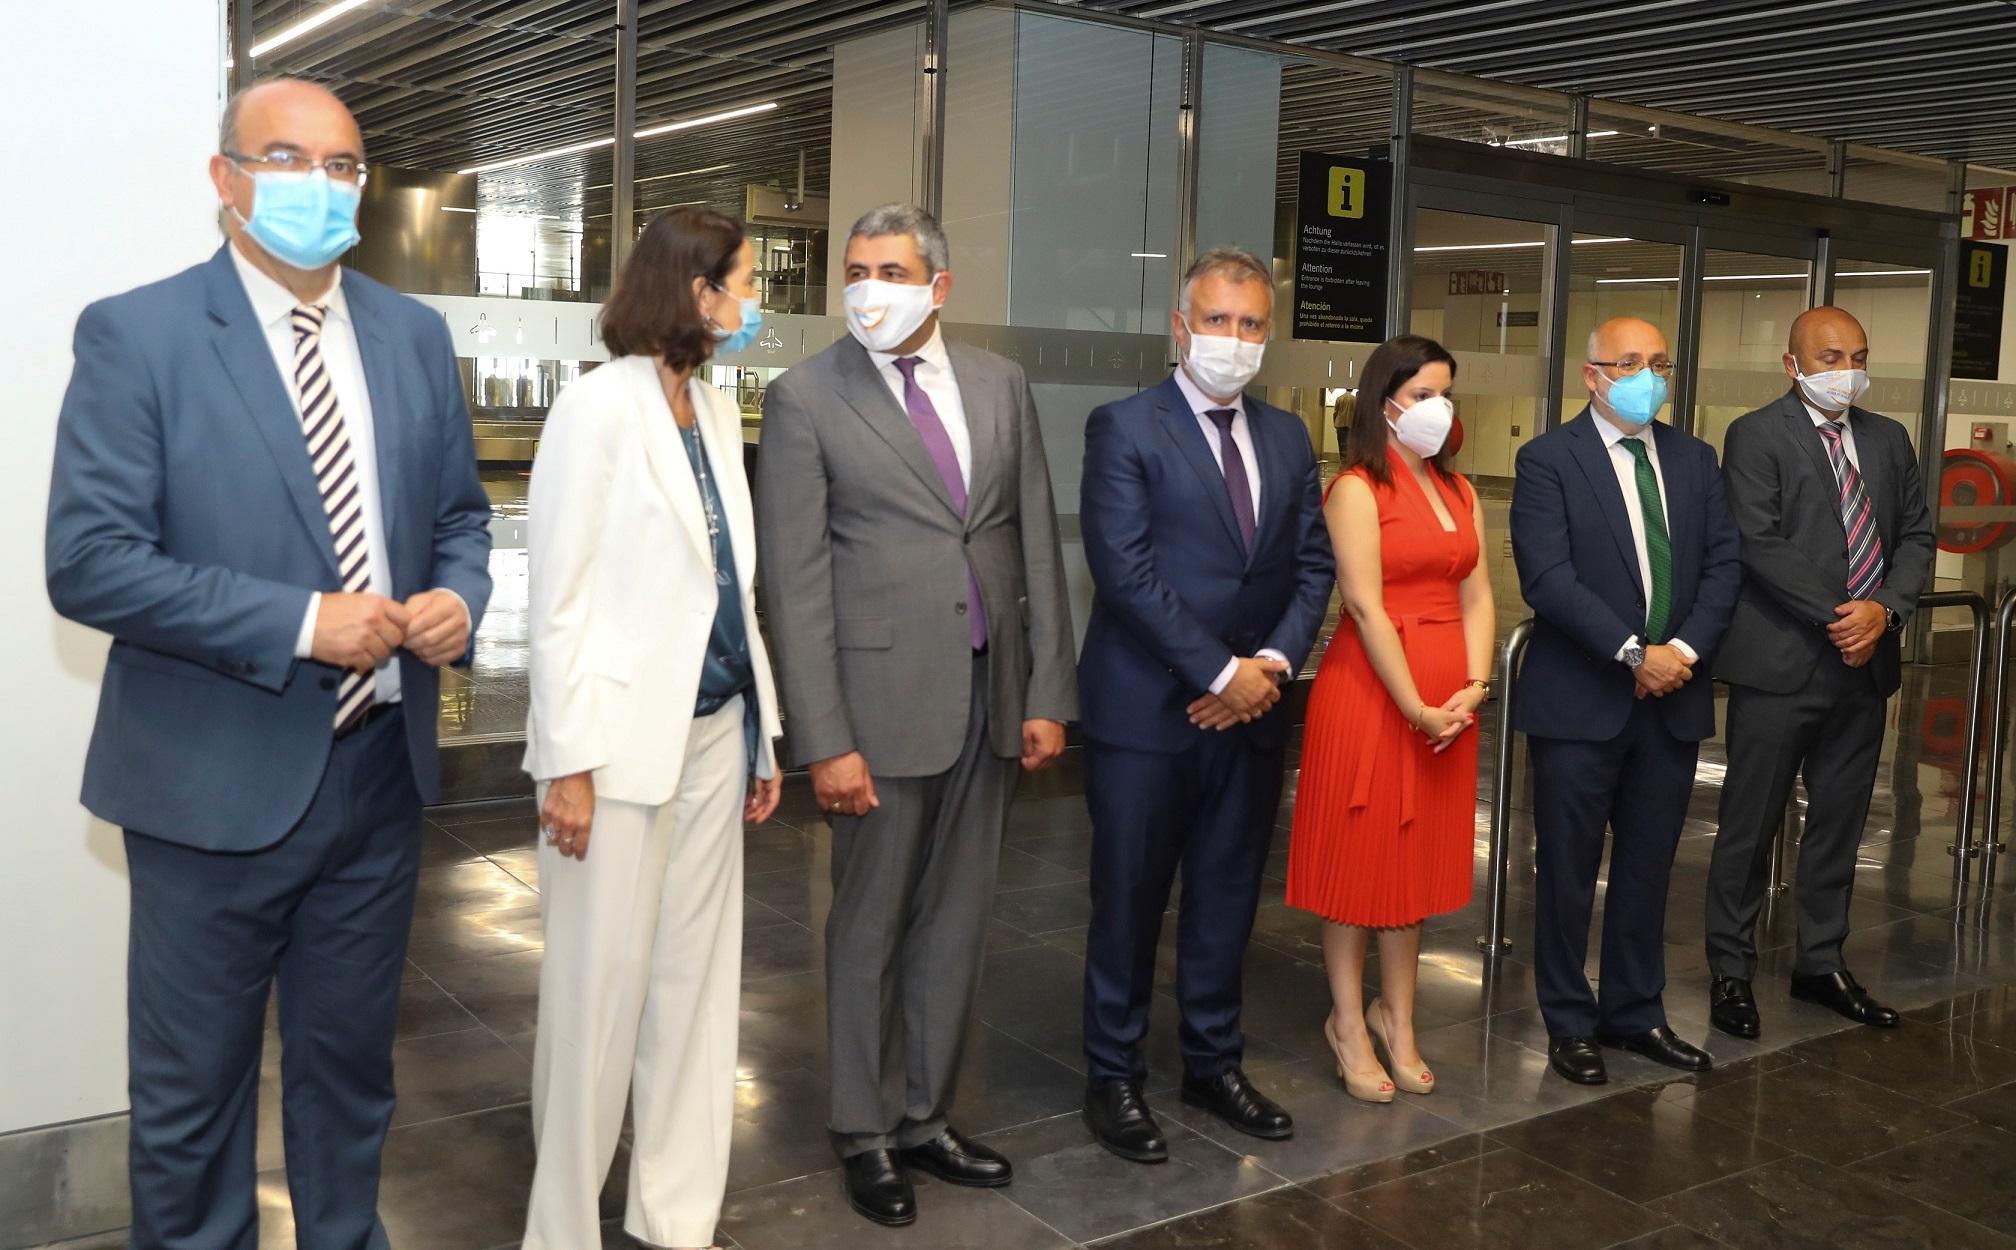 El presidente de Canarias recibe al secretario general de la OMT y a la ministra de Turismo a su llegada en el vuelo de presentación de Canarias como destino seguro